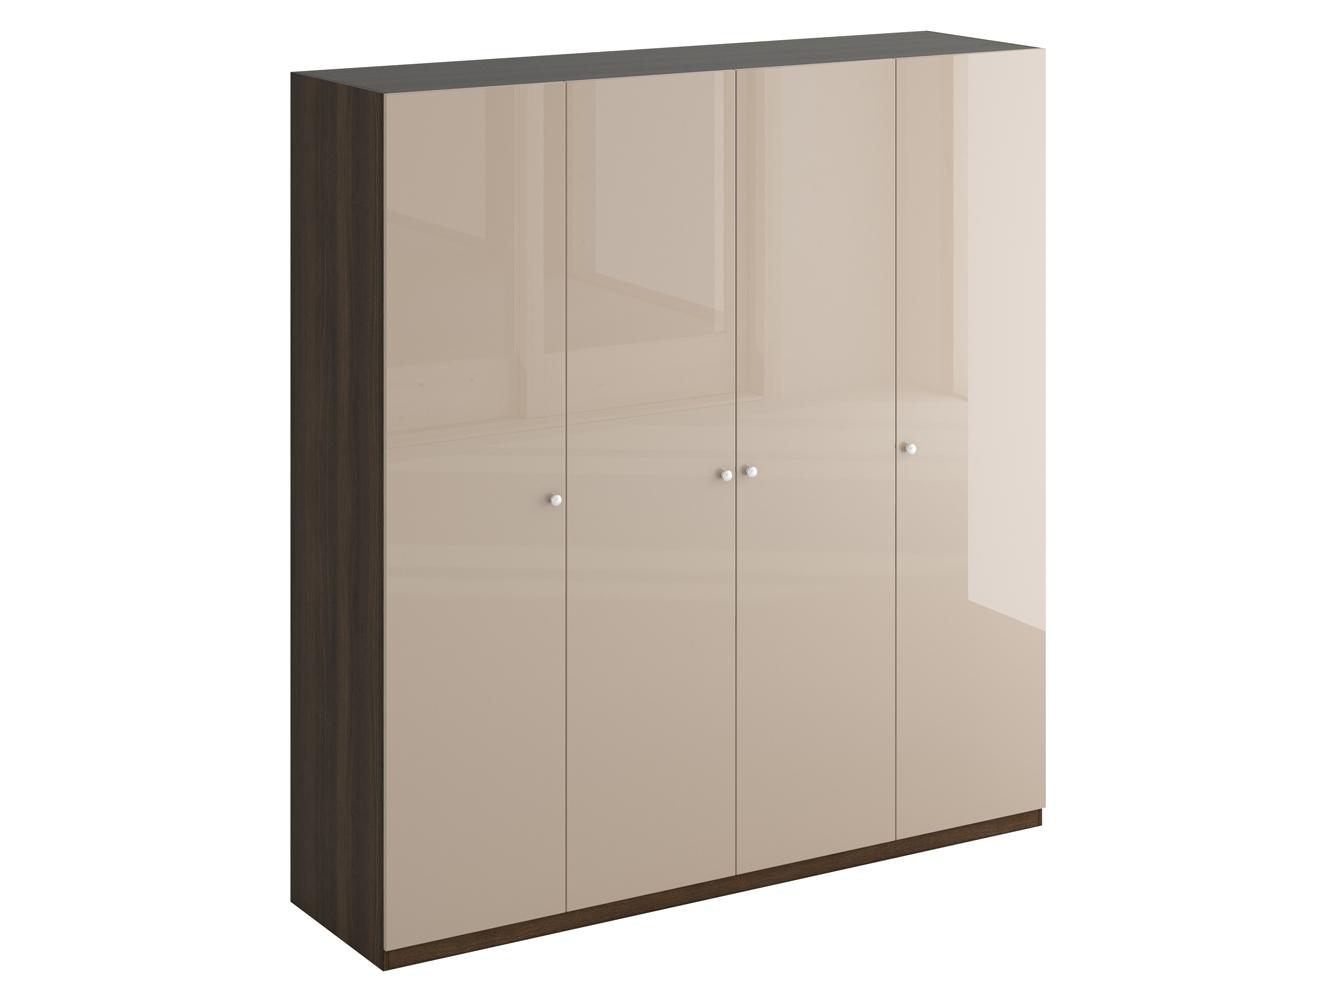 Шкаф UnoПлатяные шкафы<br>Шкаф четырехдверный состоит их трёх отделений. В отделениях расположены верхние стационарные и нижние съемные полки. Шкаф установлен на регулируемые опоры. Данную мебель рекомендуется крепить к стене. Ручки и внутренние элементы продаются отдельно.<br><br>Material: ДСП